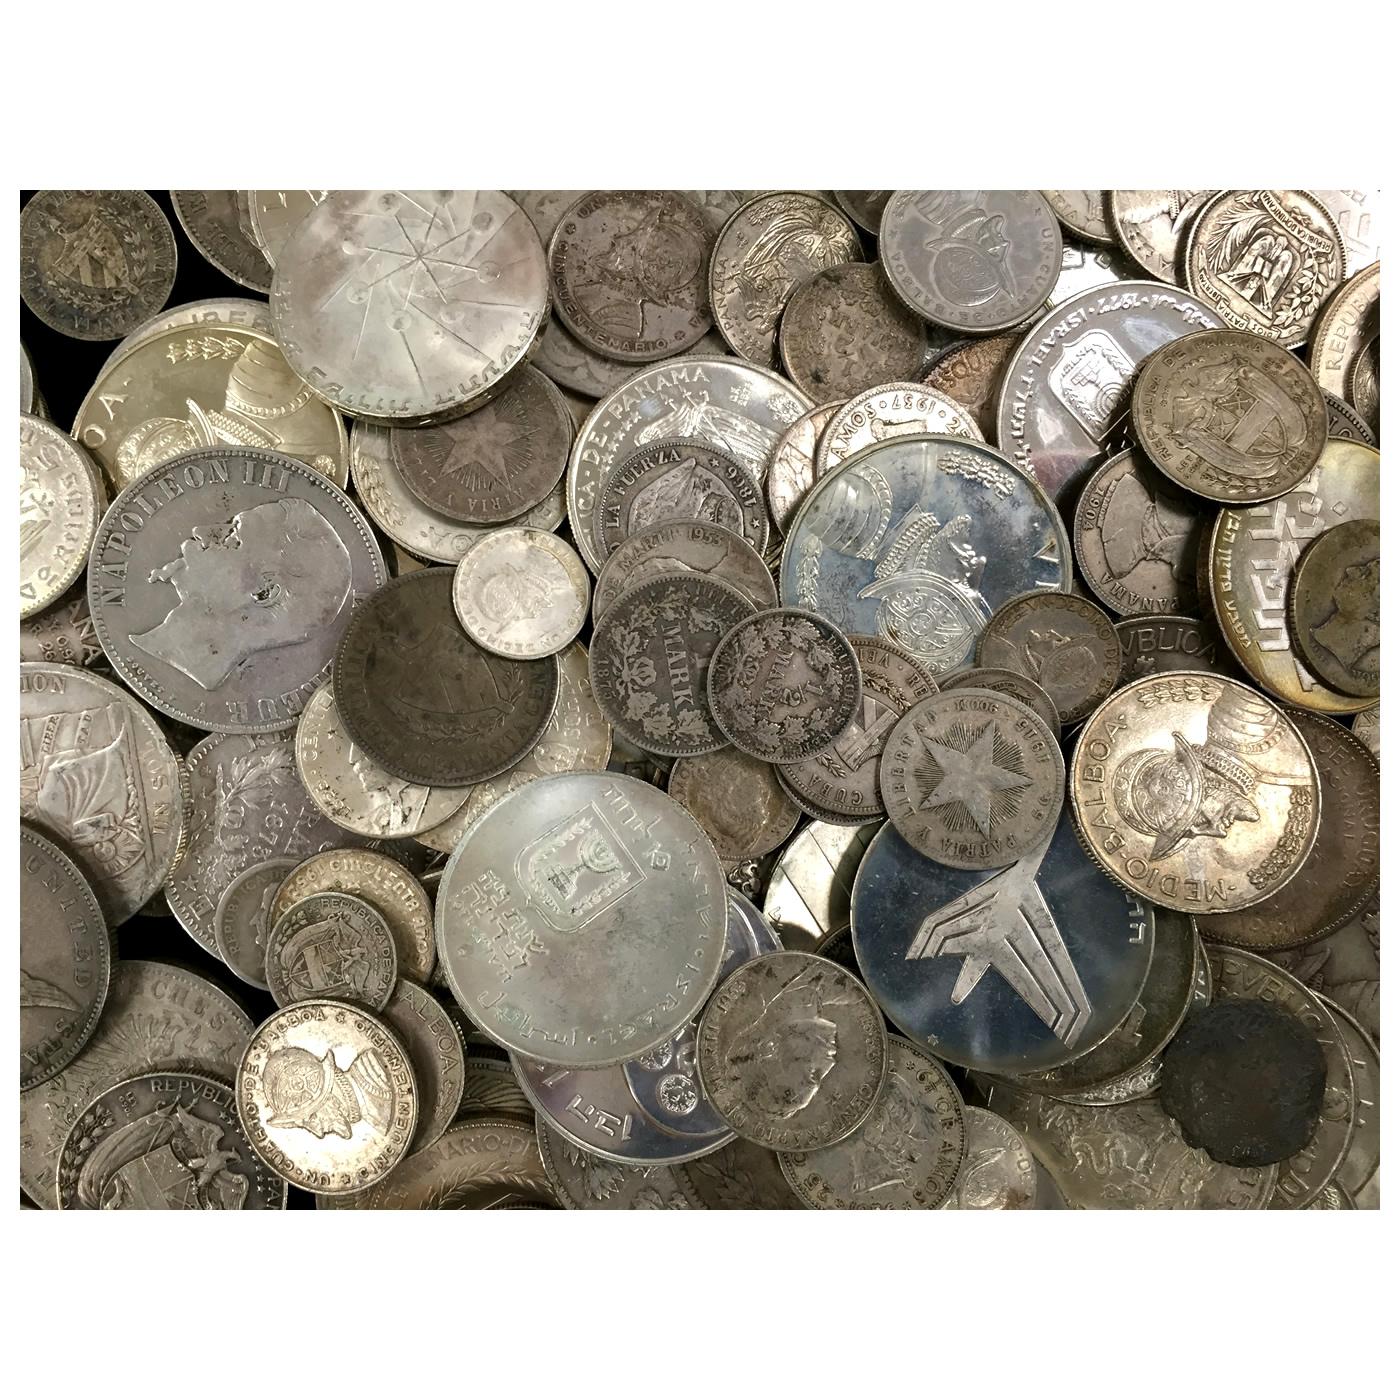 10 Ounces 90 Pure Silver World Coins Golden Eagle Coins